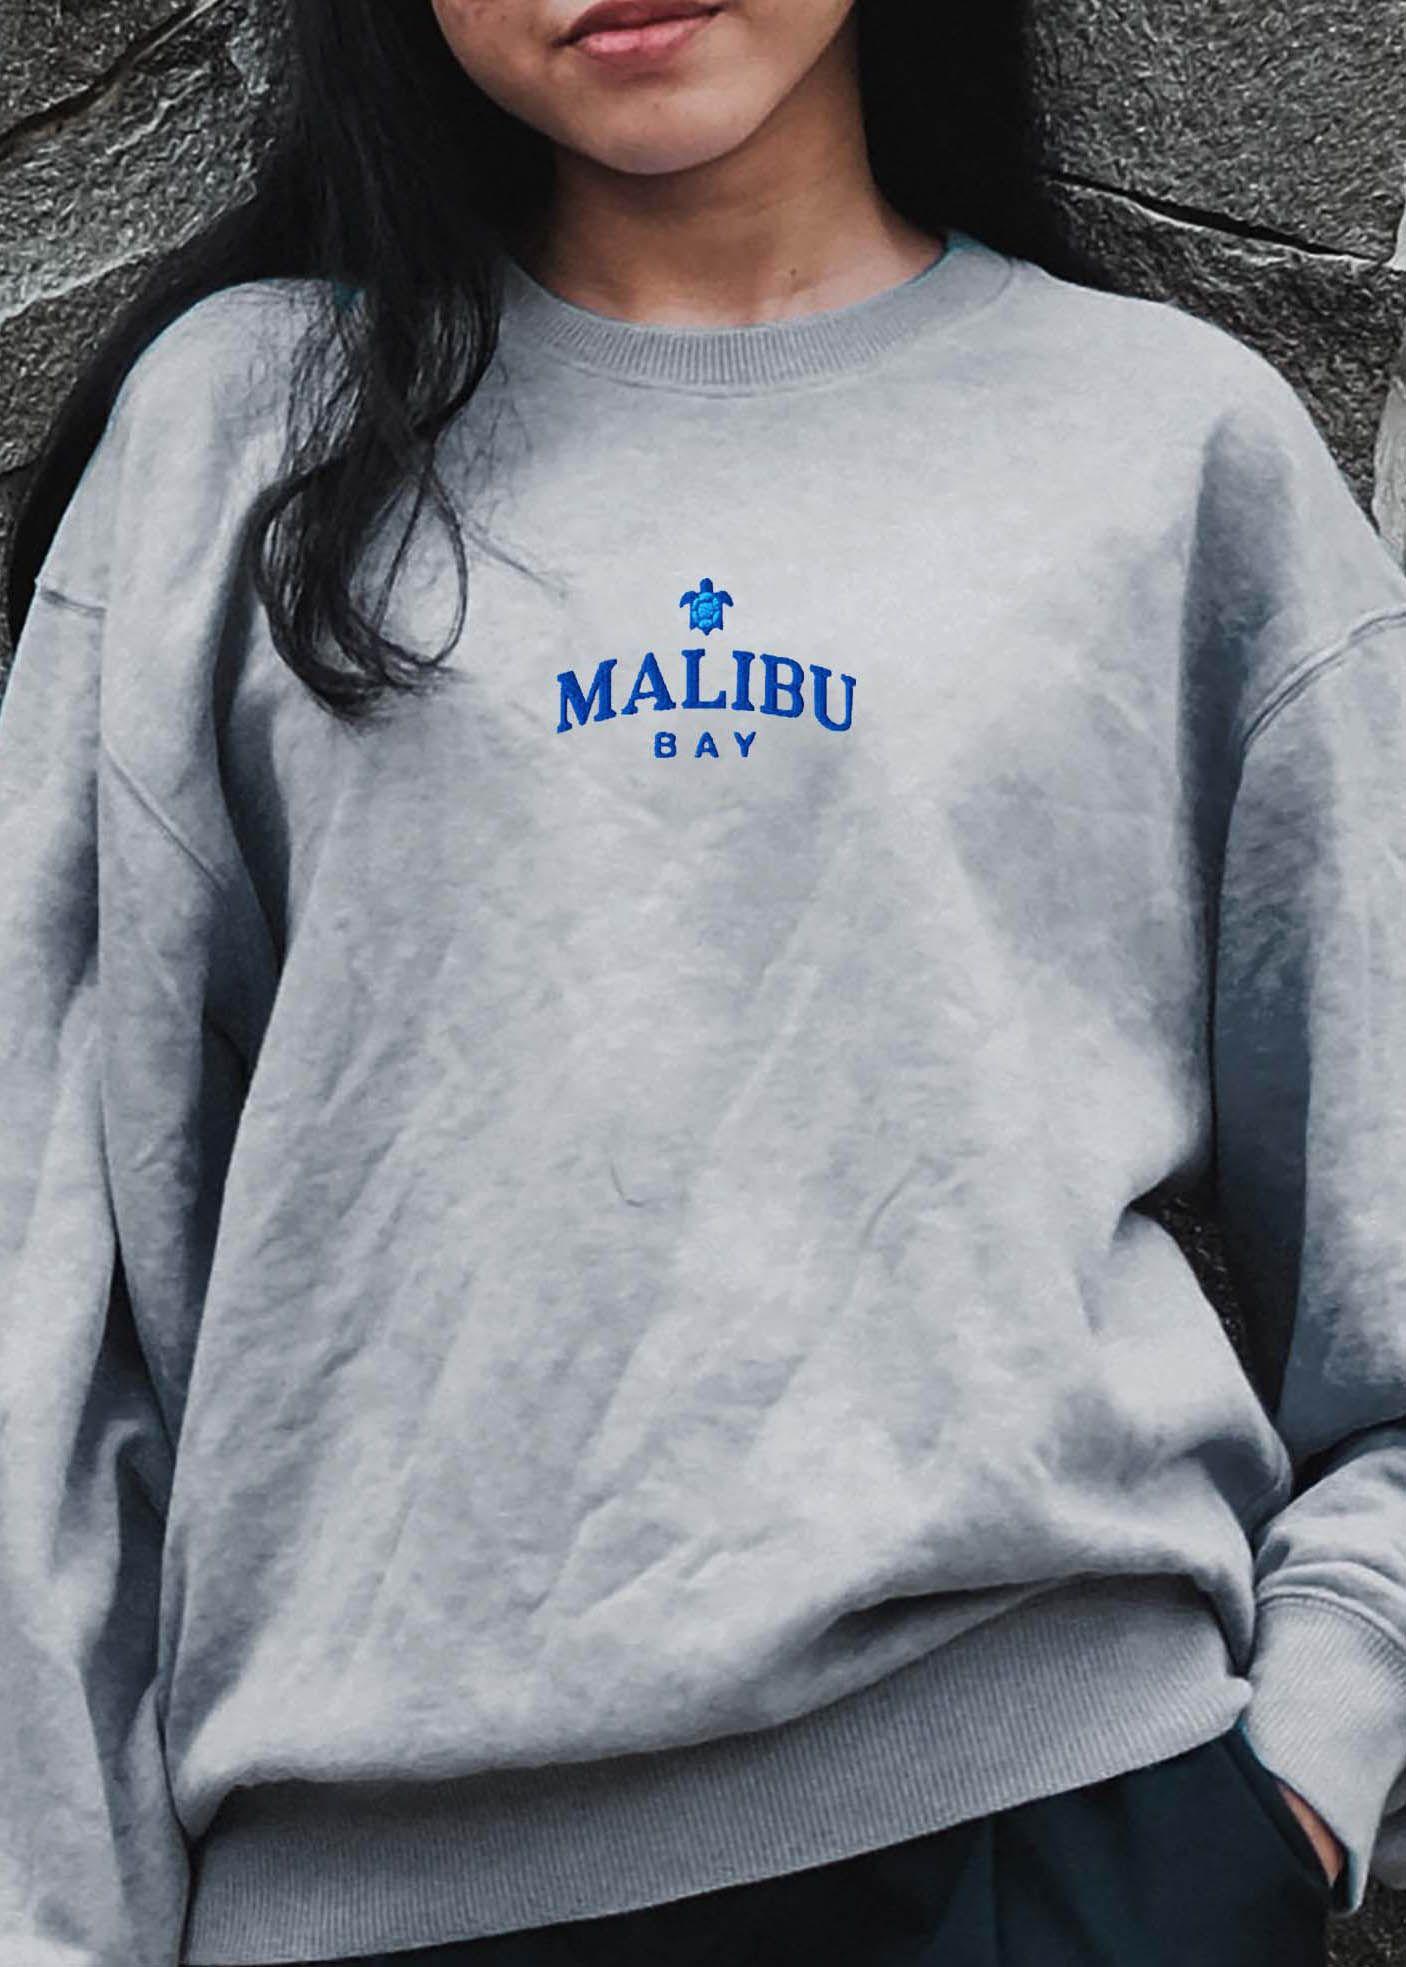 Malibu Sweatshirt Embroidered Crewneck Vintage Sweater Etsy In 2021 Embroidered Crewneck Sweatshirts Vintage Sweaters [ 1967 x 1406 Pixel ]